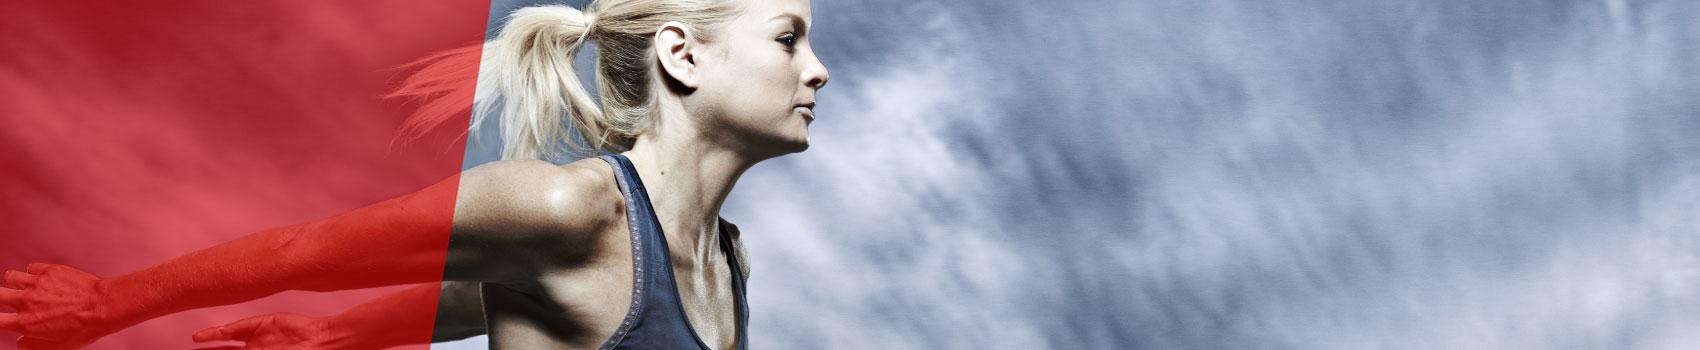 Retrouvez nous au Mondial Body Fitness Paris du 18 au 20 mars 2016 !